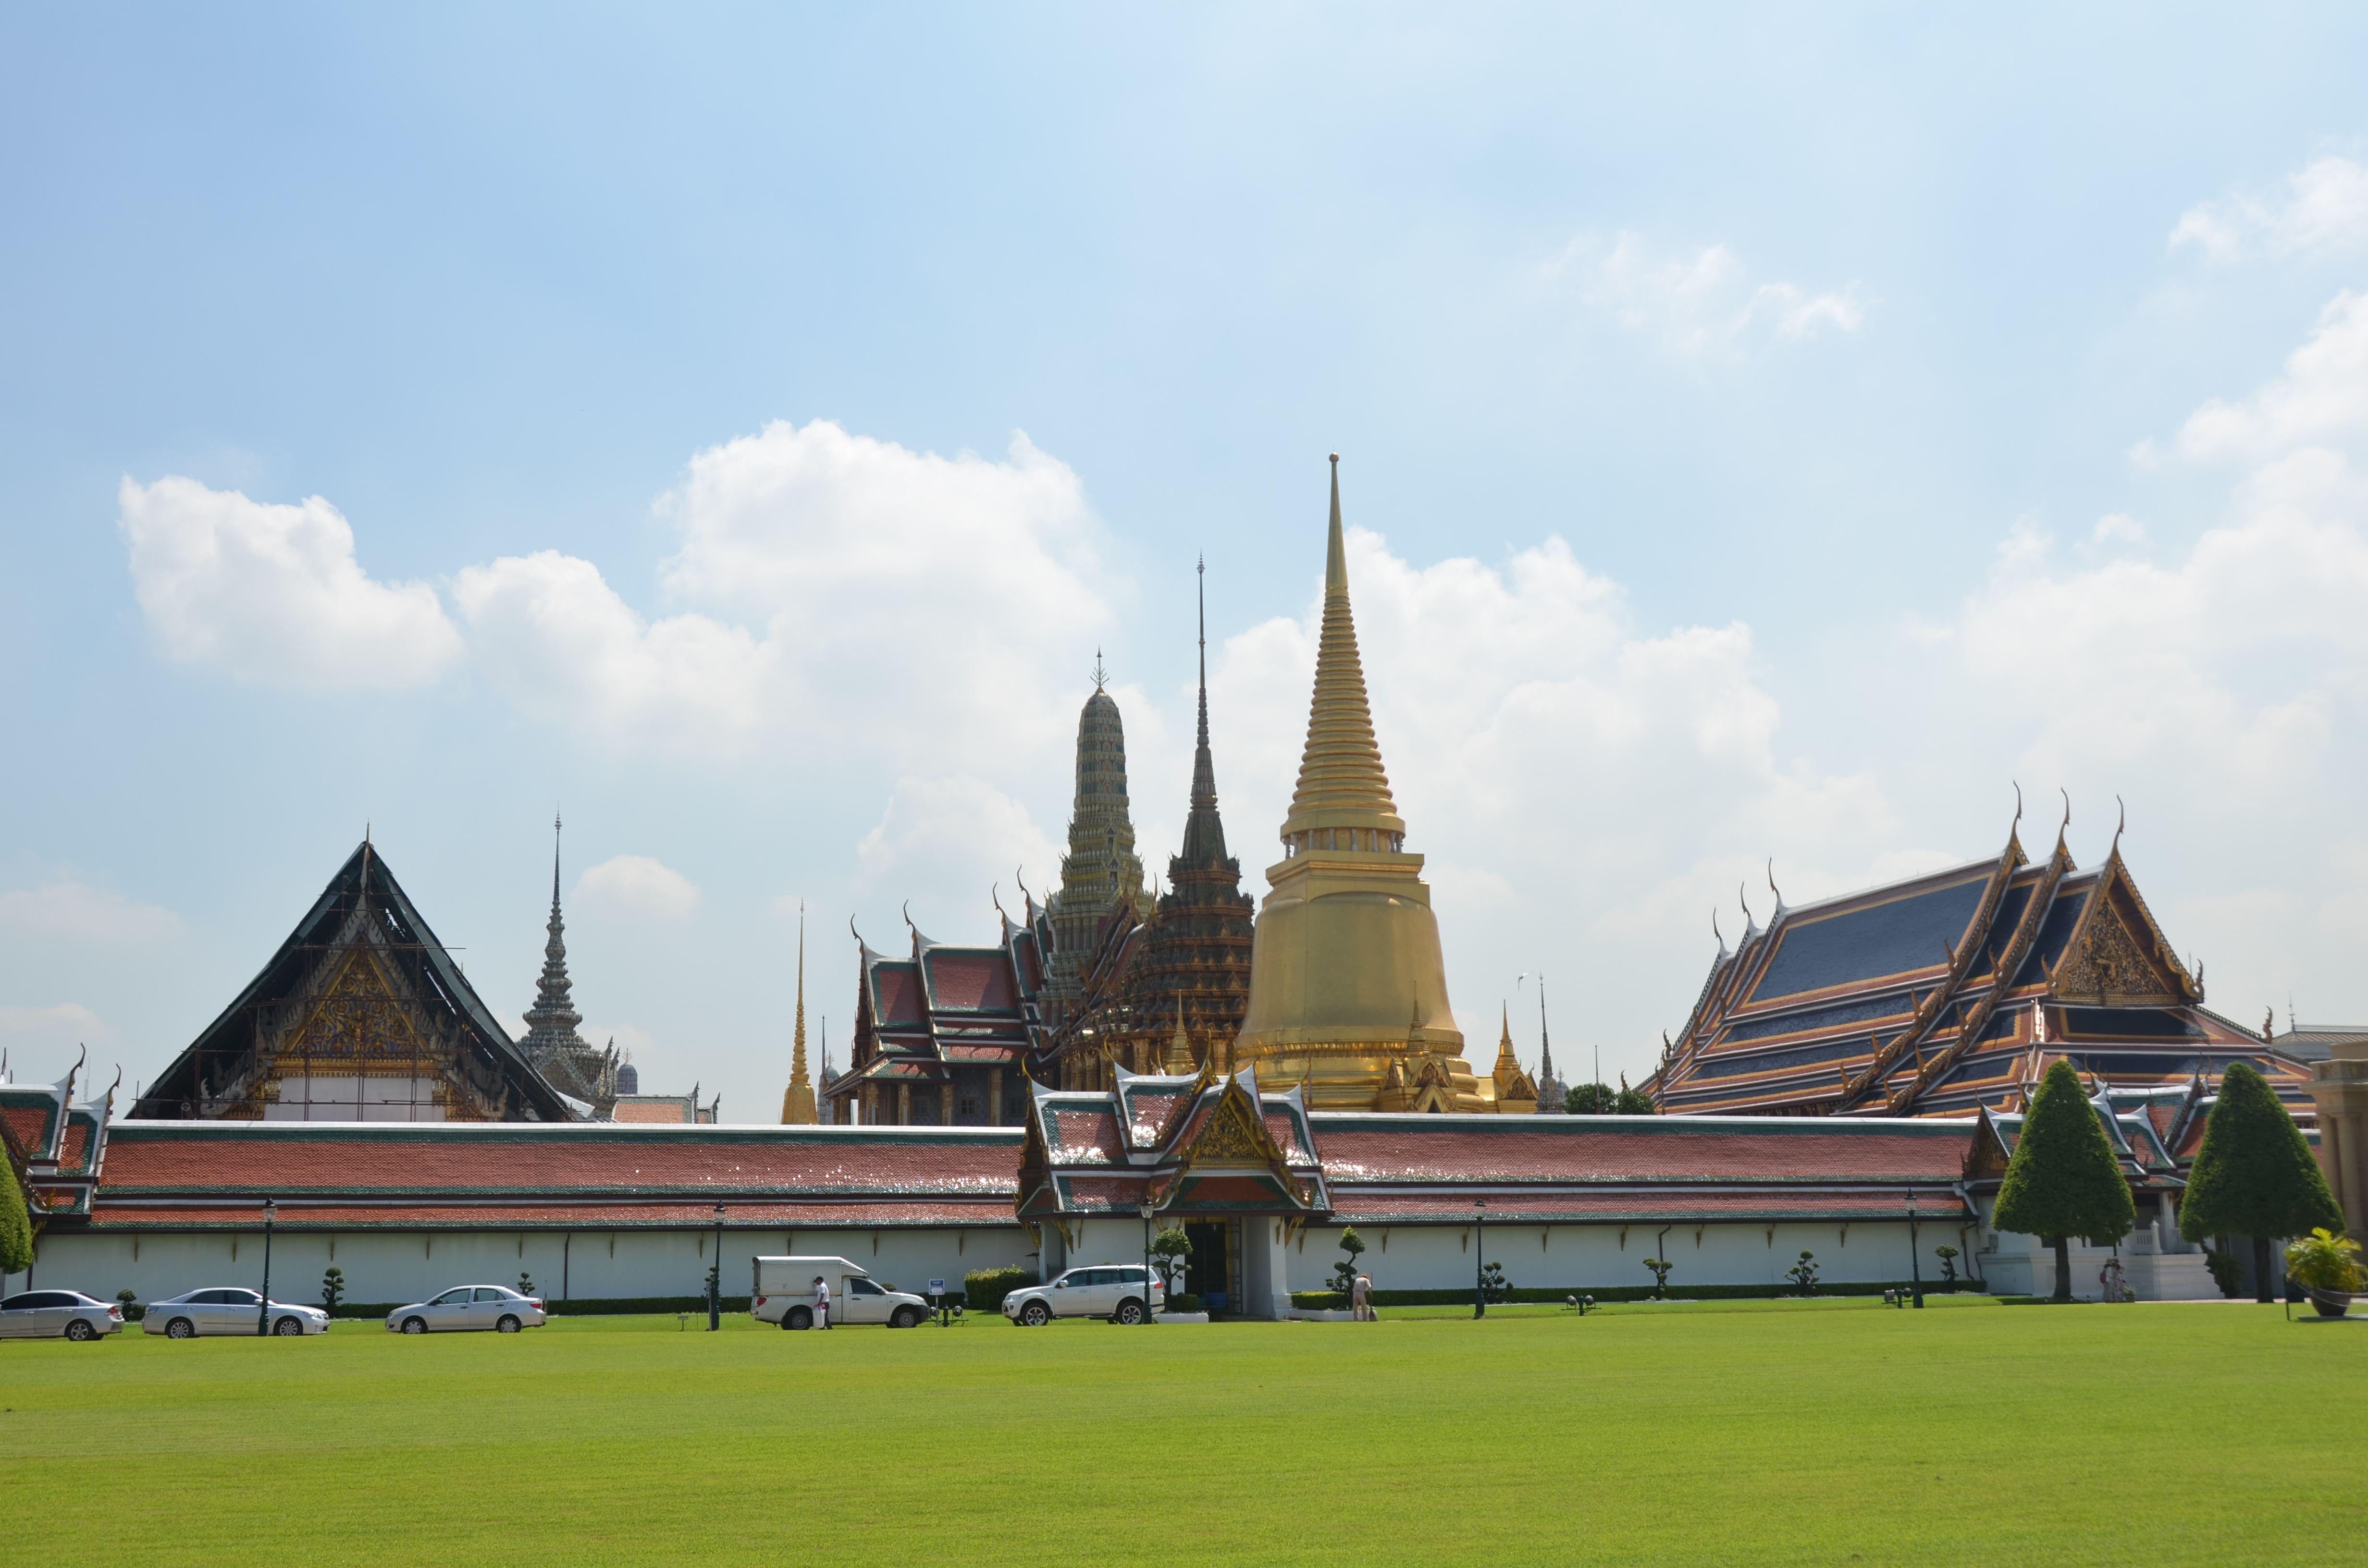 【分析】泰国买房怎么选?曼谷、清迈、芭提雅、普吉岛解析...